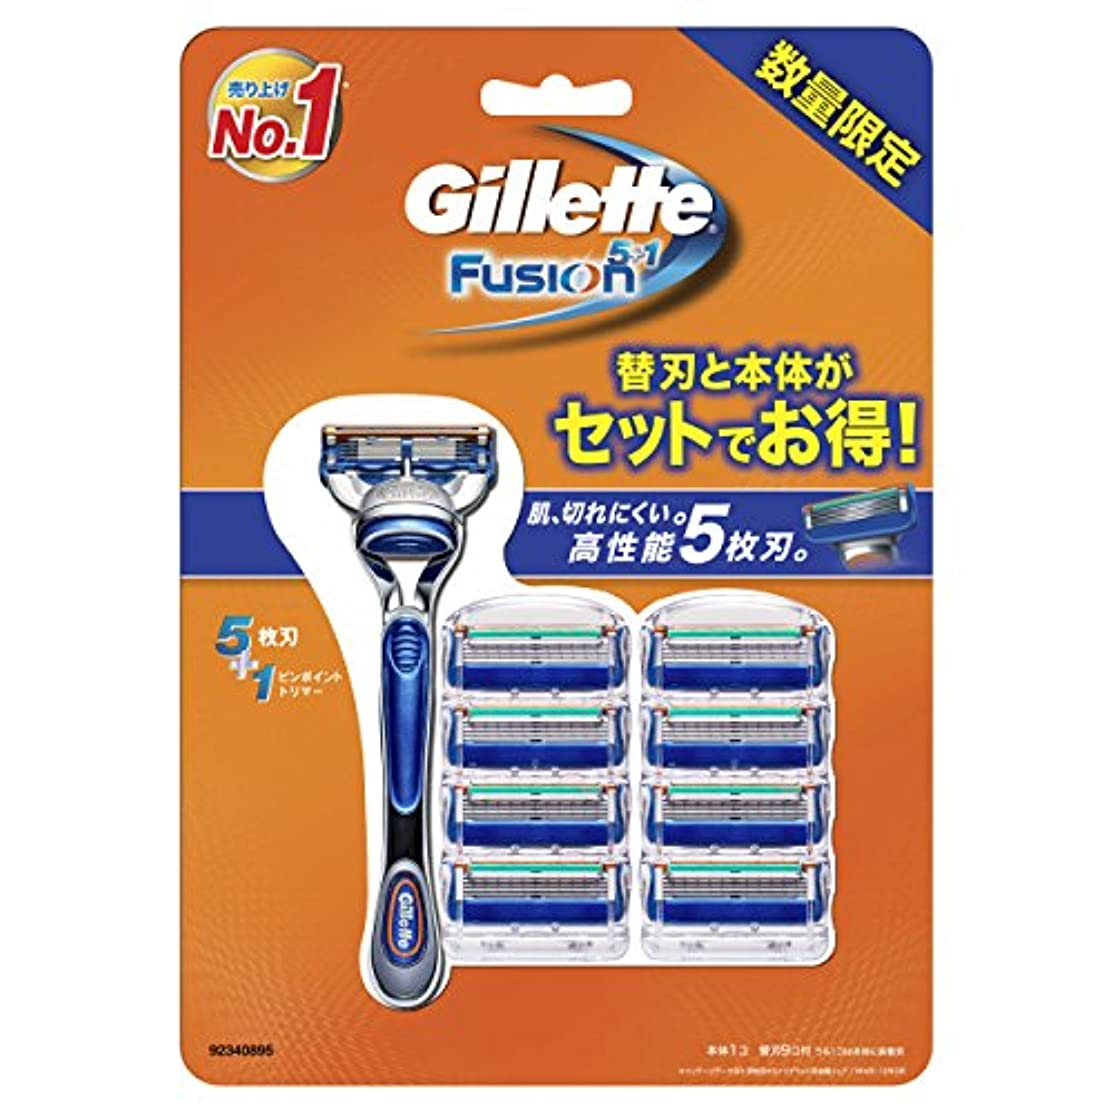 料理をするシャット水素ジレット フュージョン5+1 マニュアル 髭剃り 本体+替刃 9個付